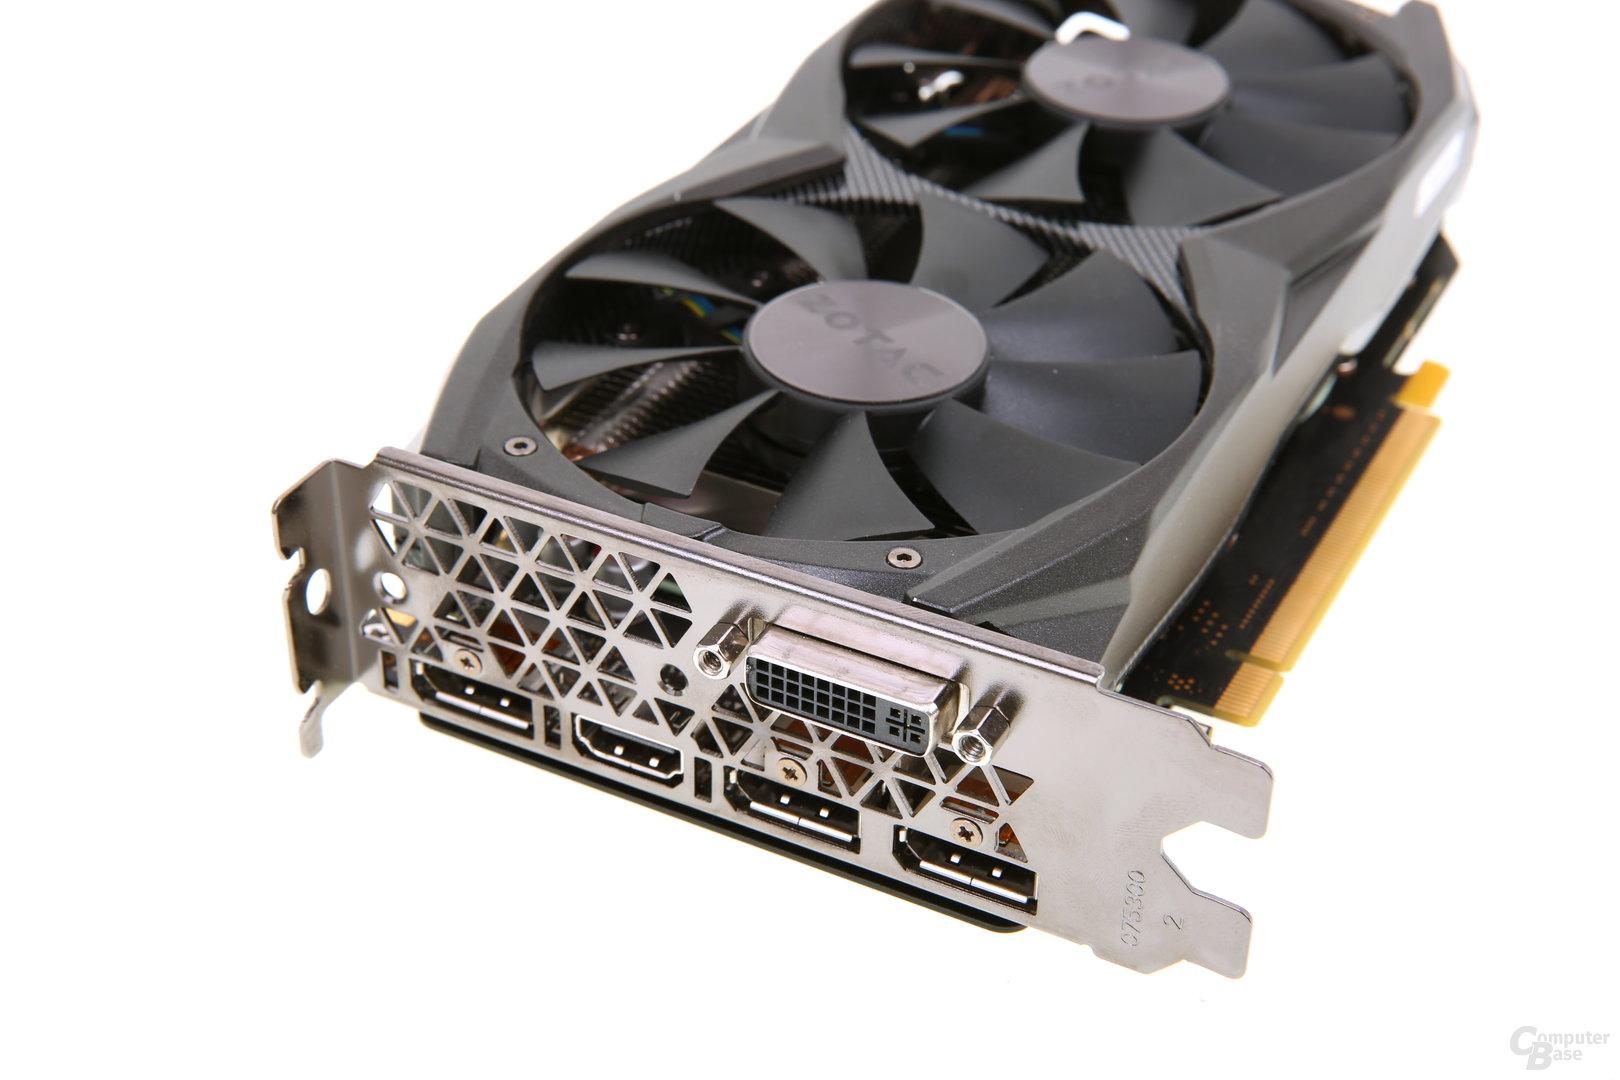 Zotac GeForce GTX 960 AMP! - Slotblech